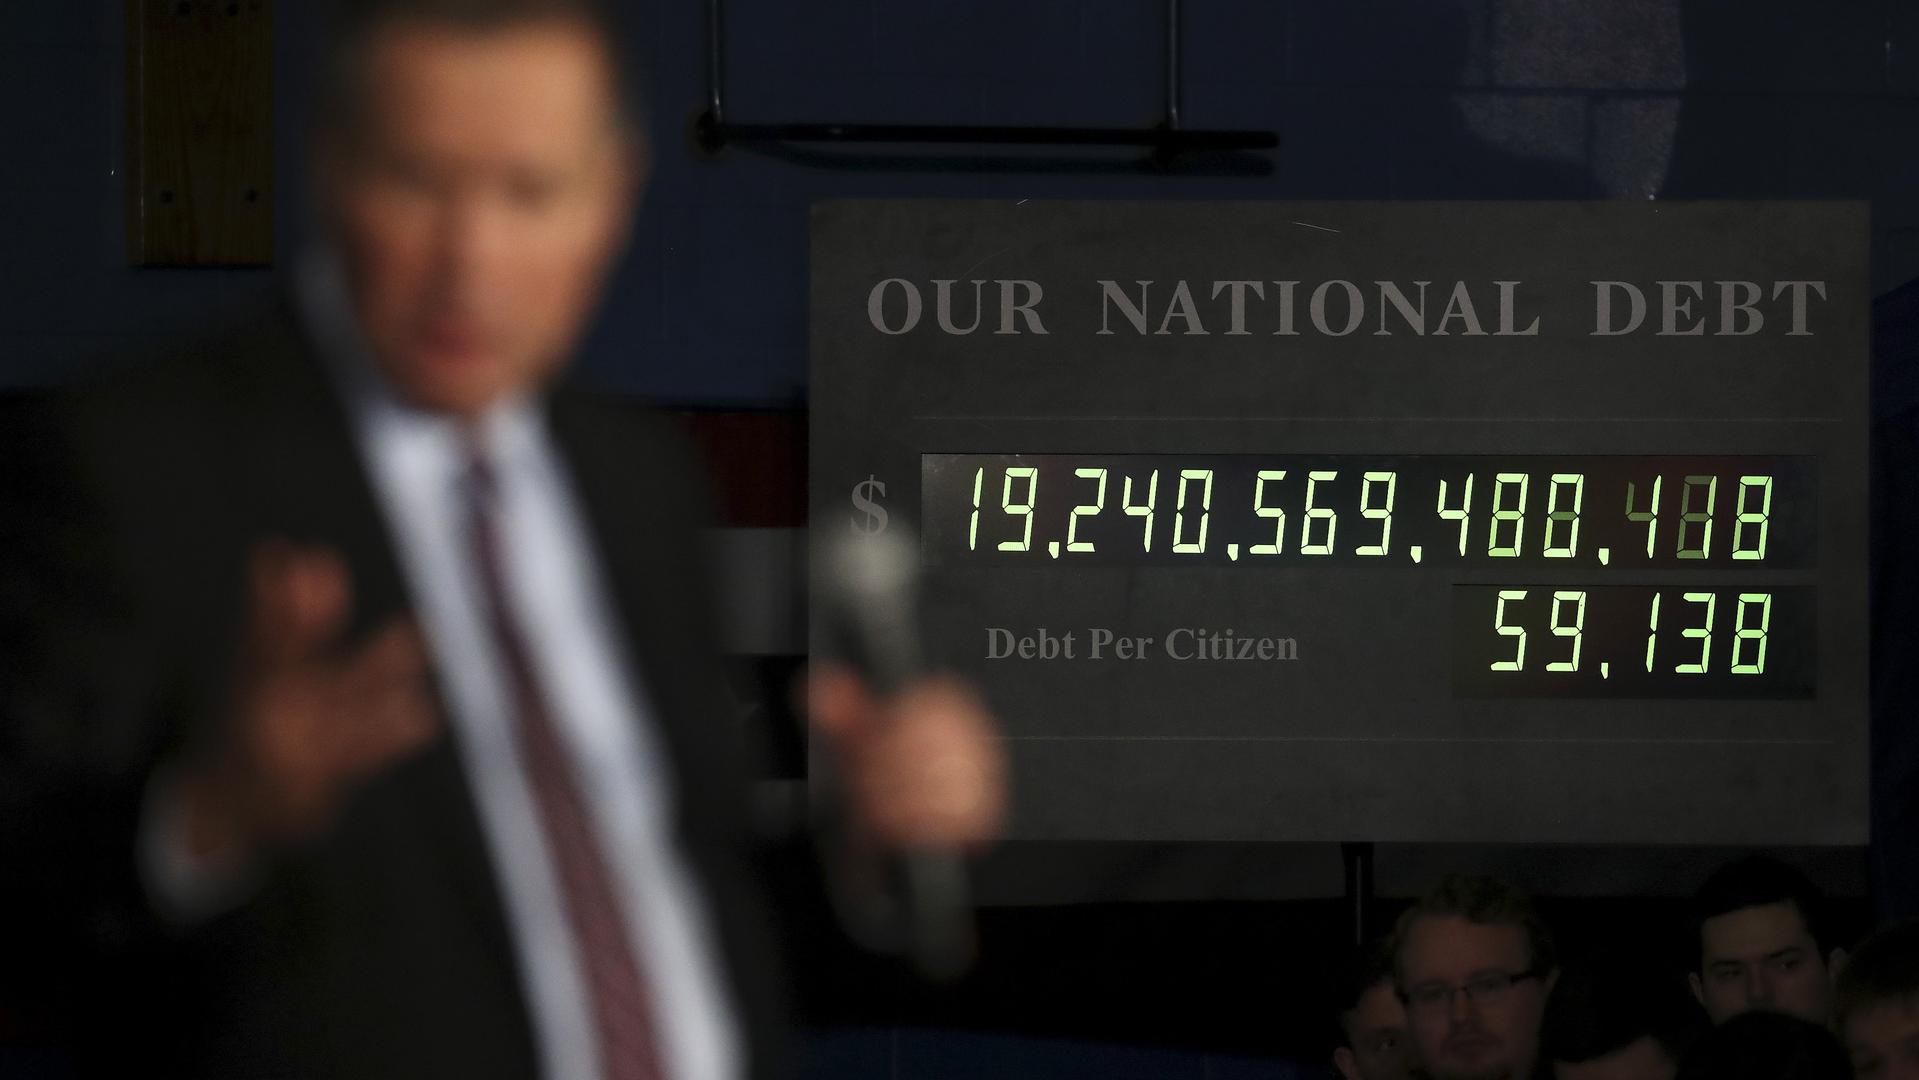 Конгресс США: госдолг Америки угрожает национальной безопасности страны